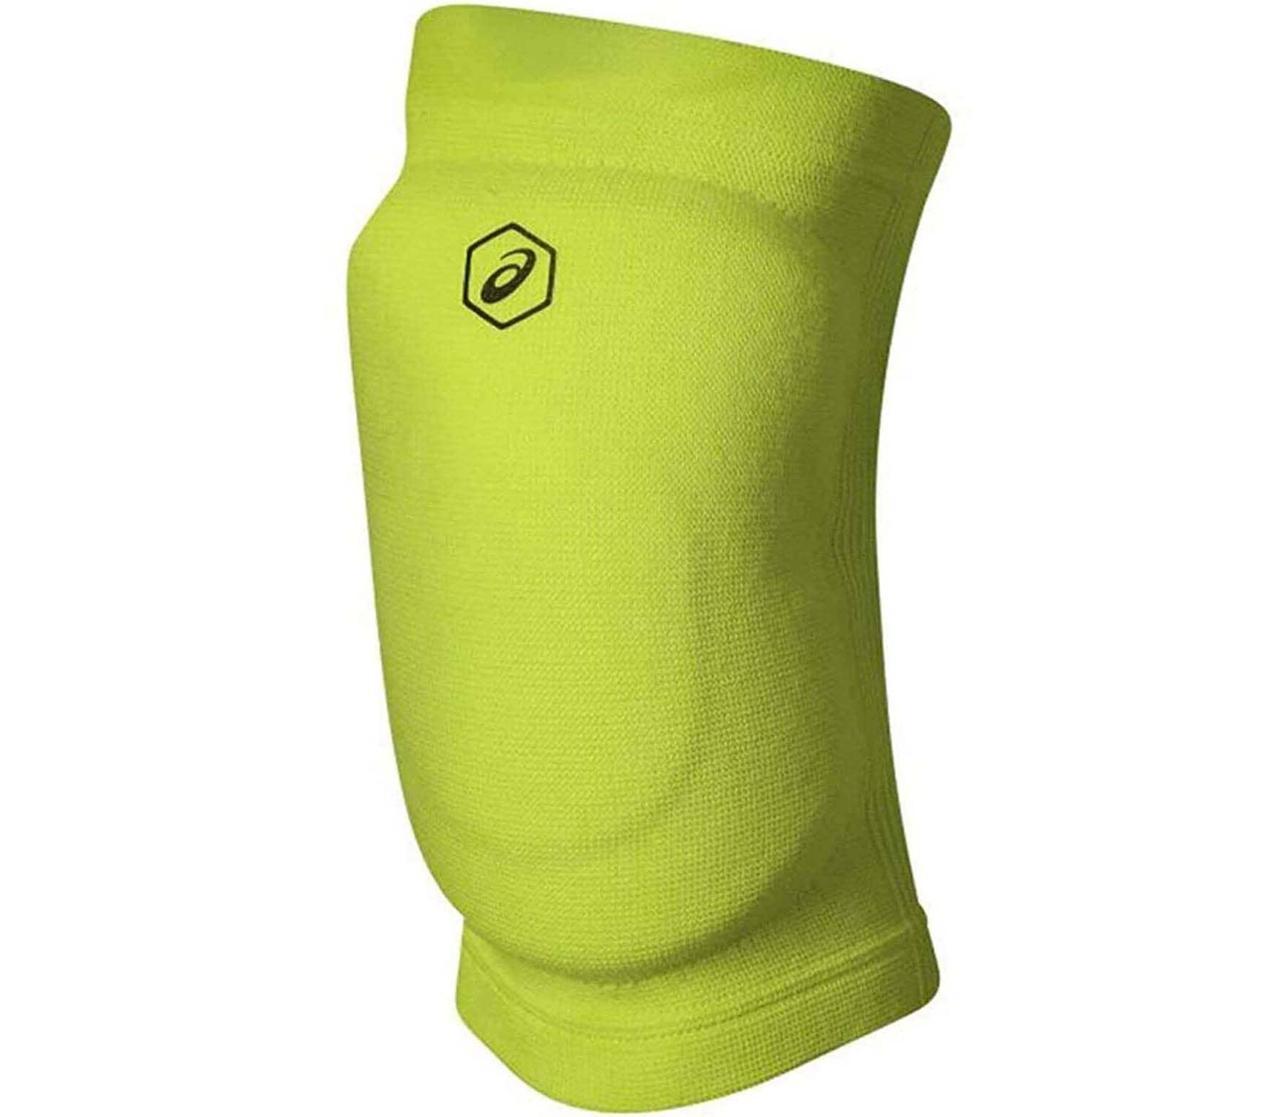 Волейбольные наколенники Asics Gel Kneepad 146815-0432 Лимонный Размер M